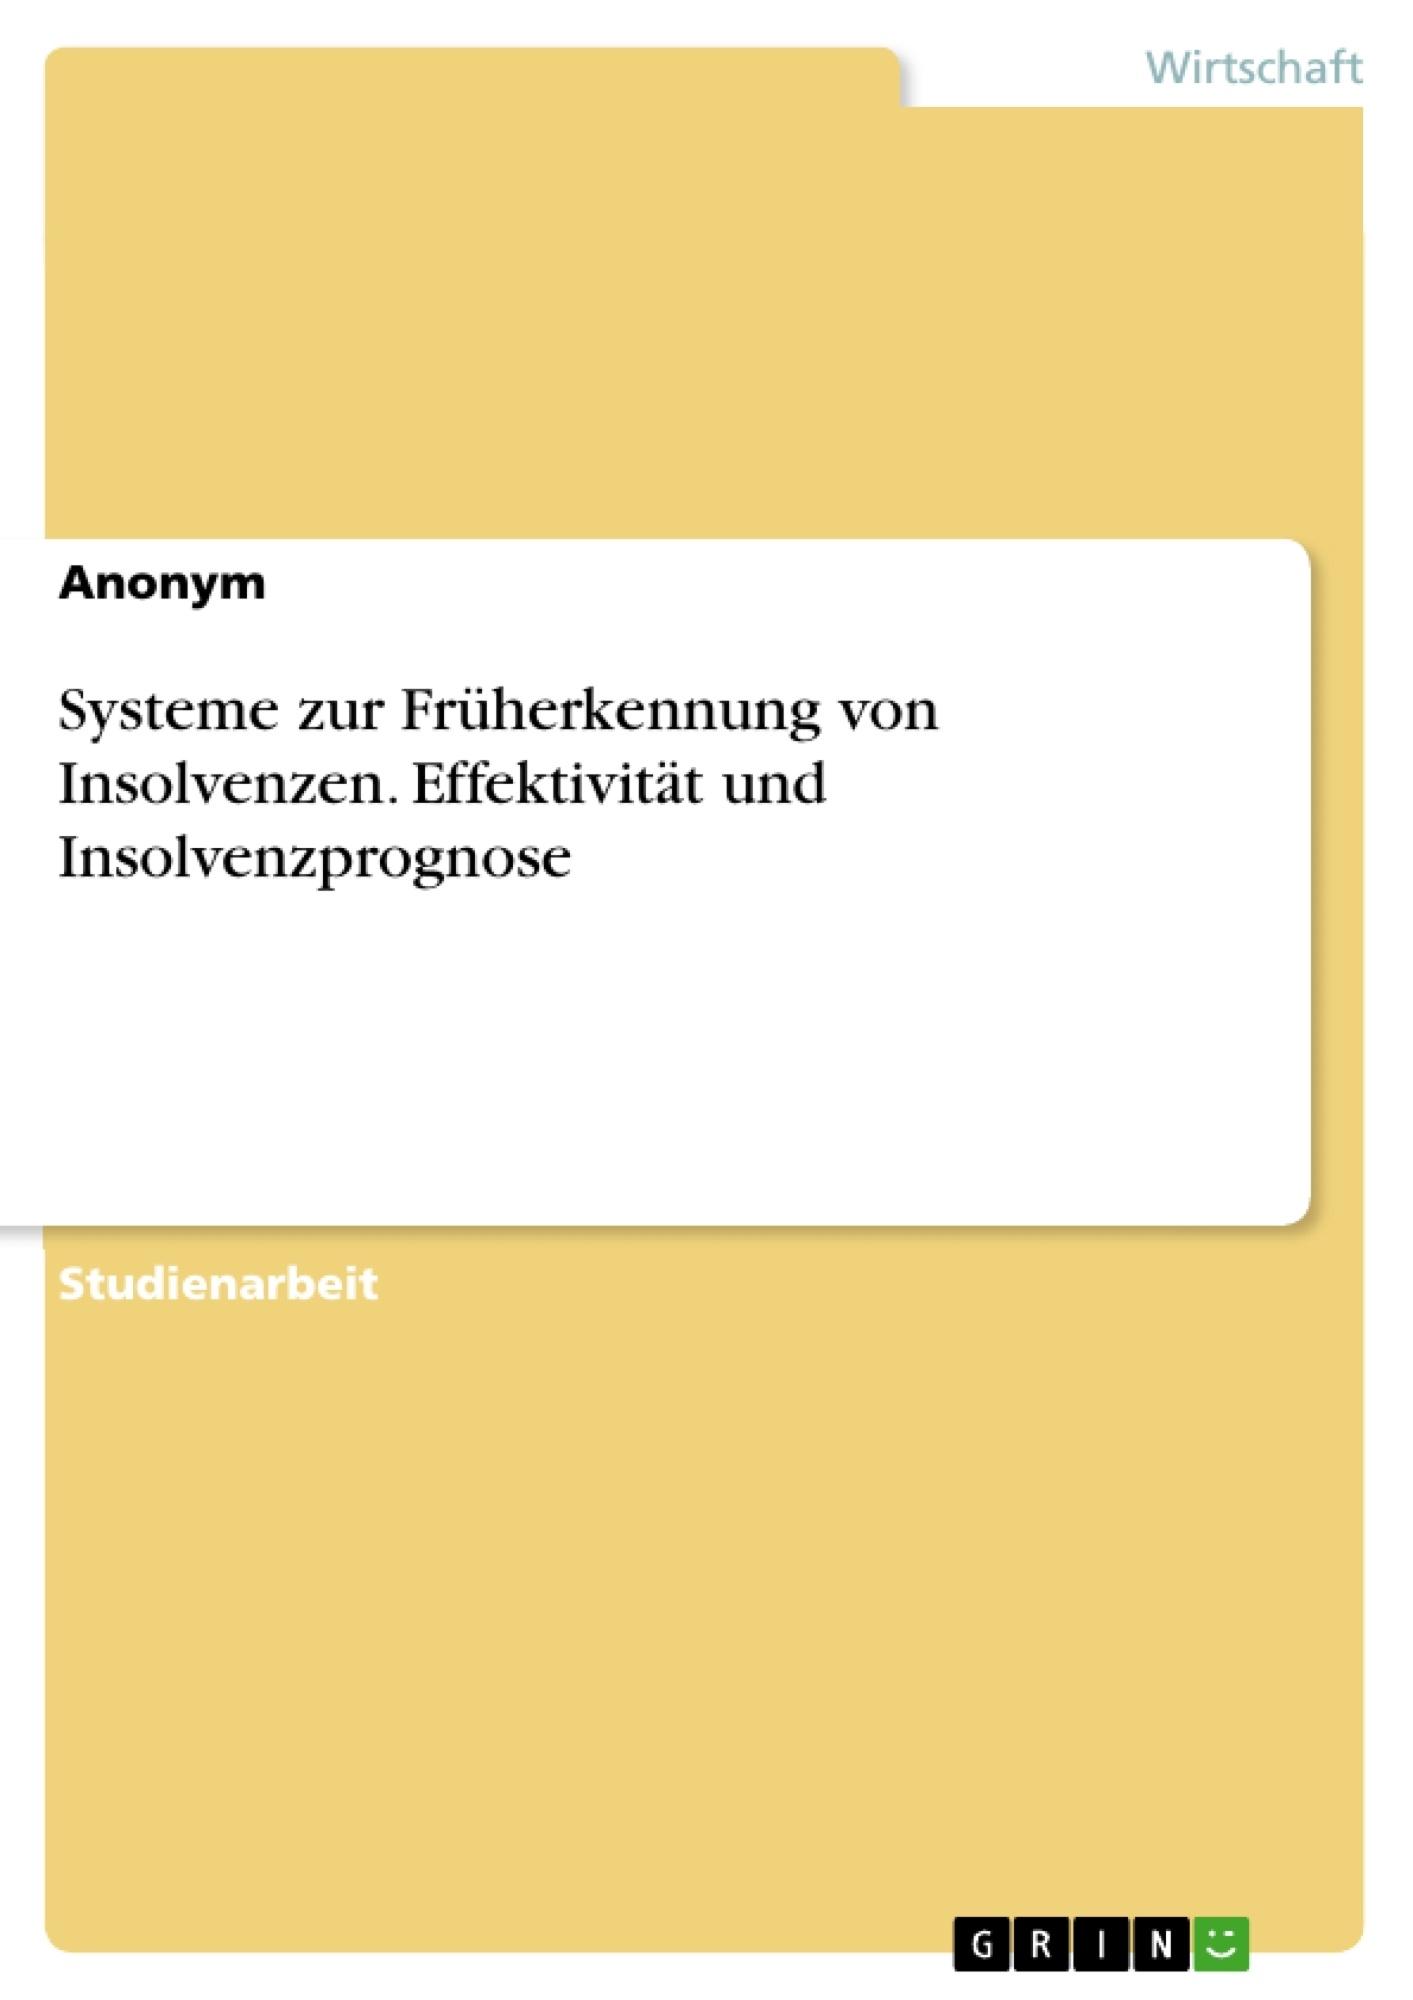 Titel: Systeme zur Früherkennung von Insolvenzen. Effektivität und Insolvenzprognose